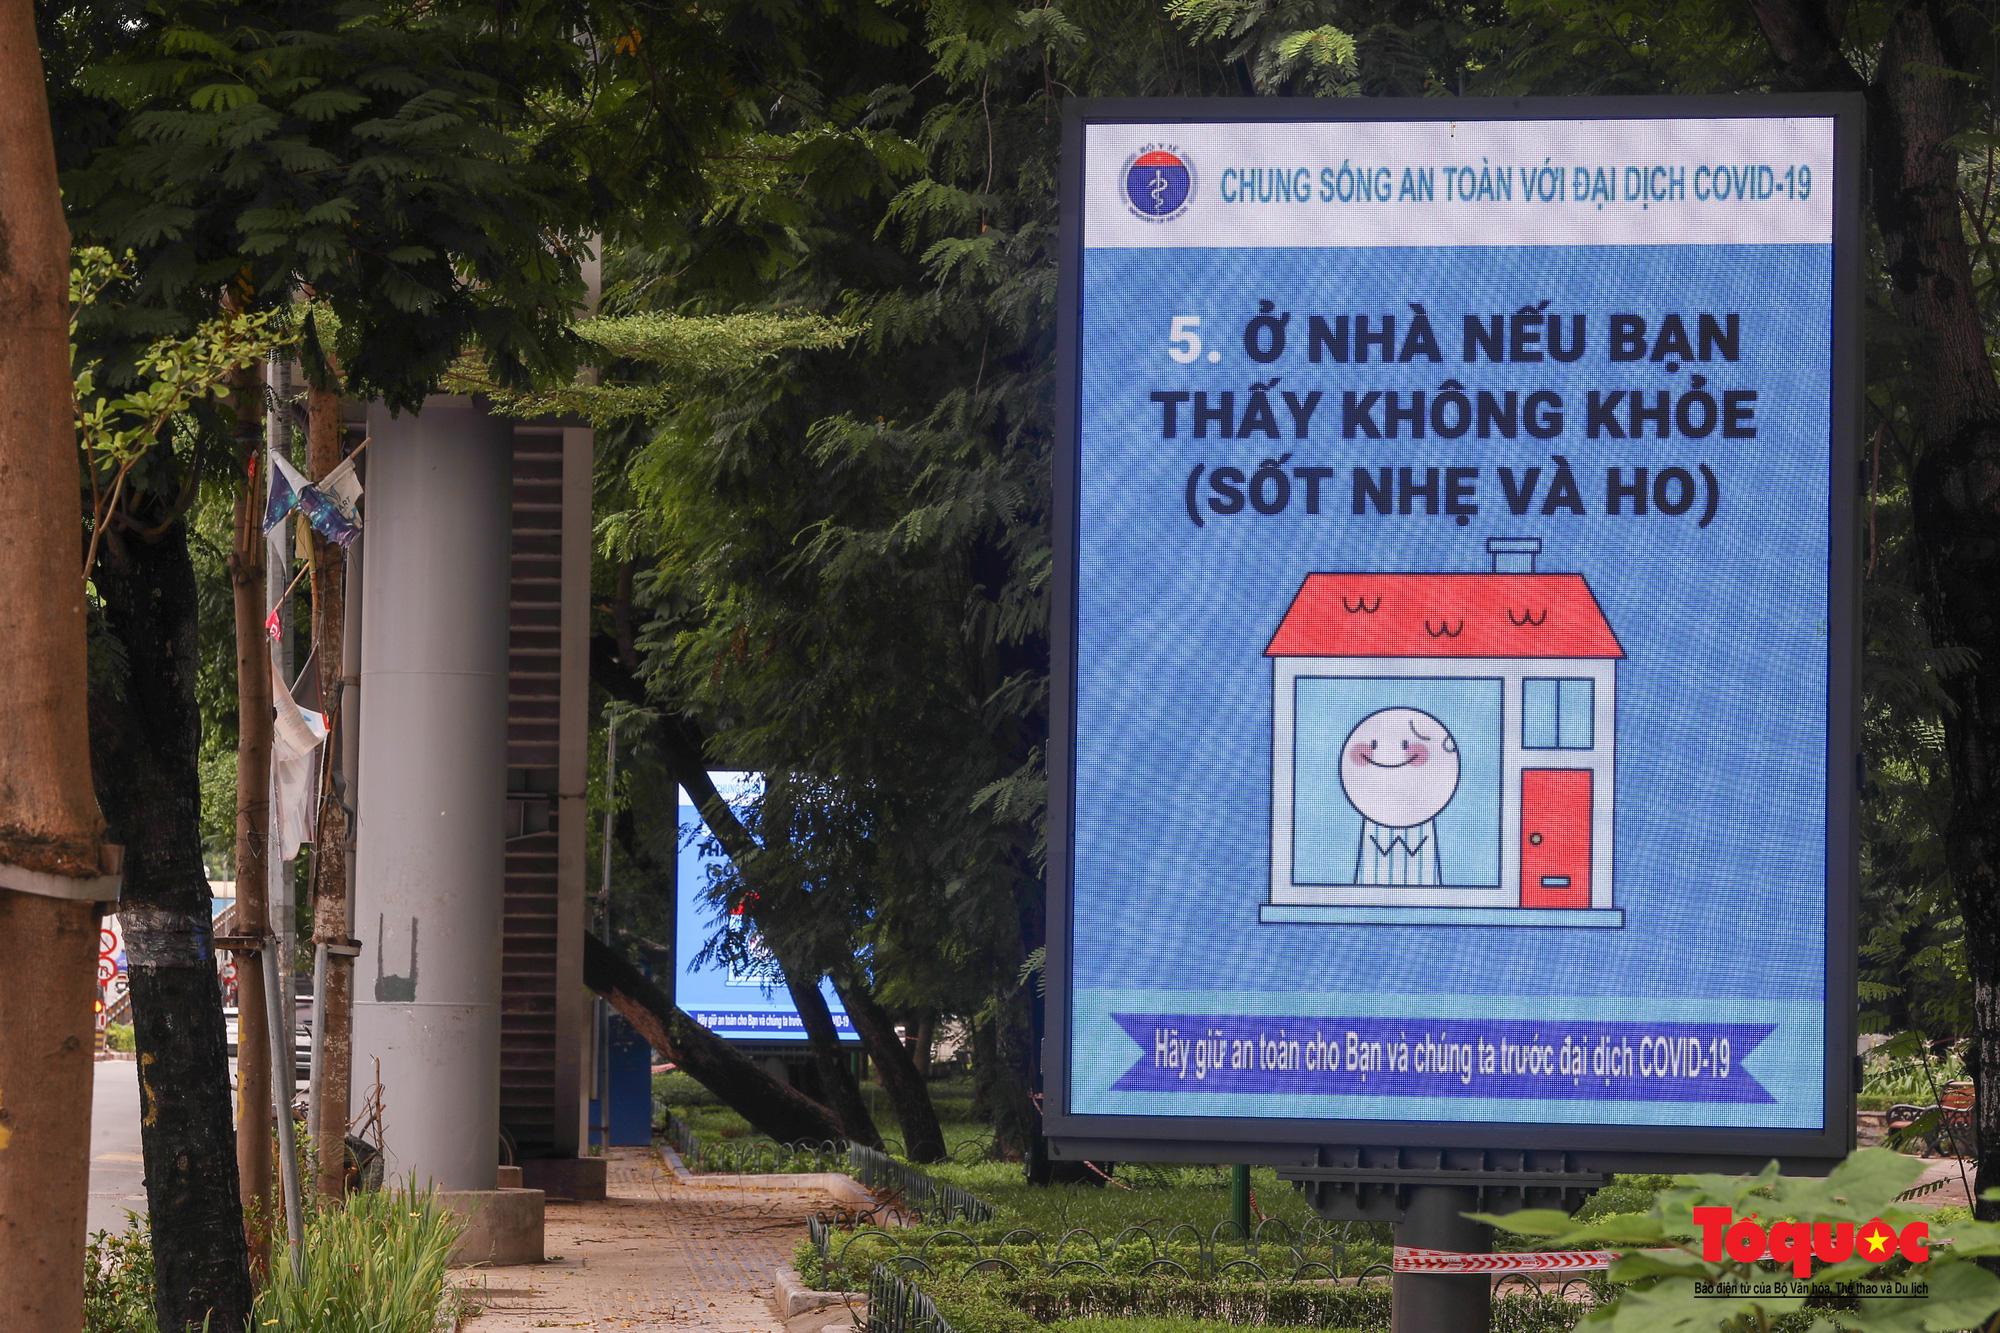 Pano, hình ảnh cổ động phòng chống dịch COVID-19 trên khắp đường phố Hà Nội - Ảnh 3.